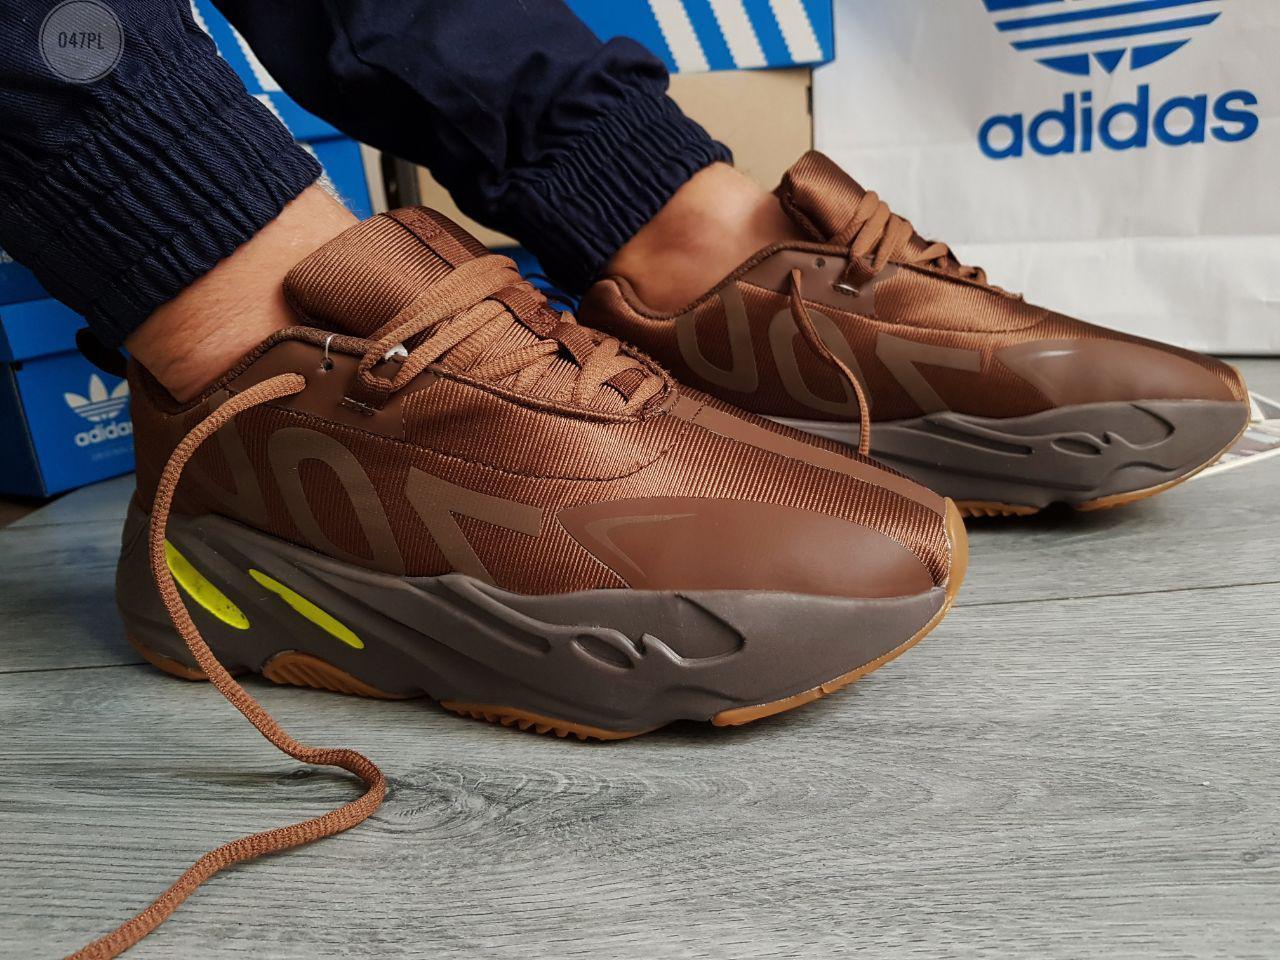 Мужские кроссовки Adidas Yeezy Boost 700 Brown (р. 42 44 45) коричневые